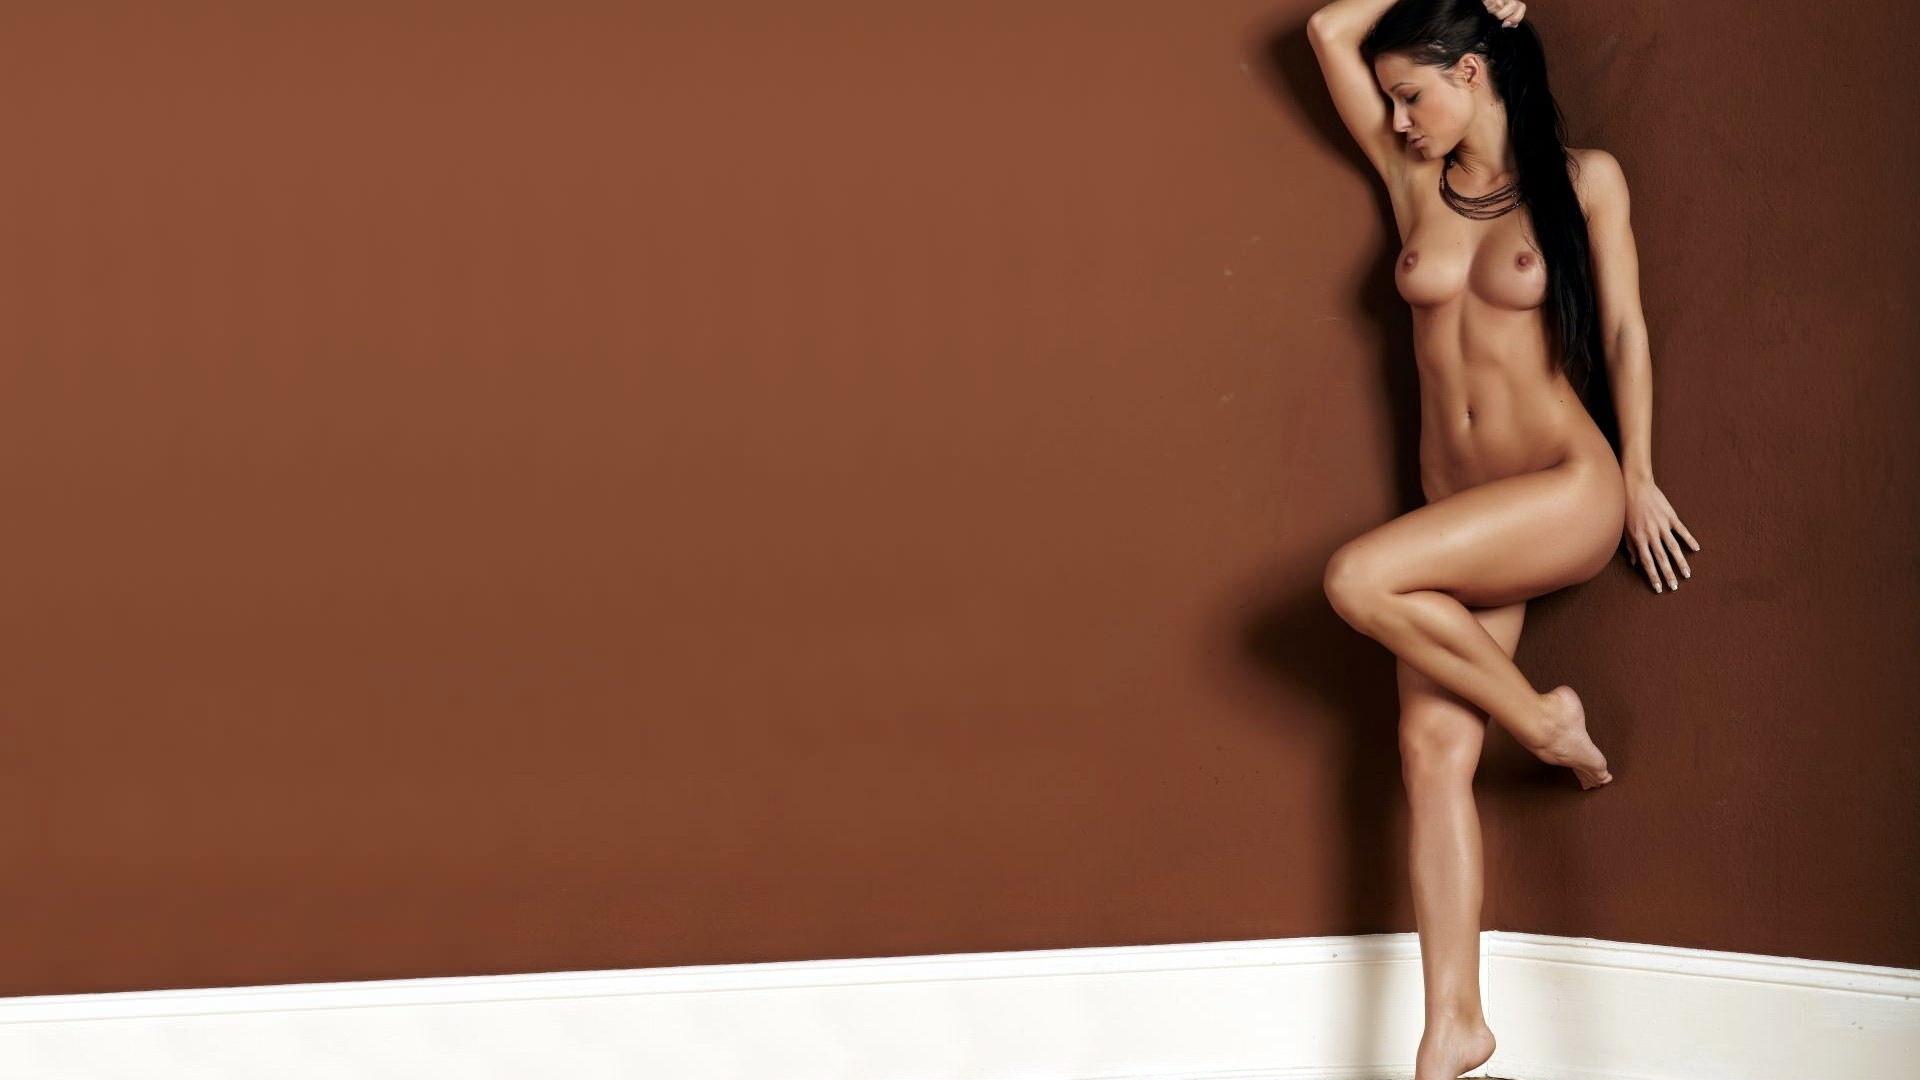 Фото Длинноногая голая брюнетка на коричневом фоне, согнула левую ногу. Naked girl, brown wall, sexy body, long black hair, brunette, sexy legs, leg up, posing, hot, скачать картинку бесплатно